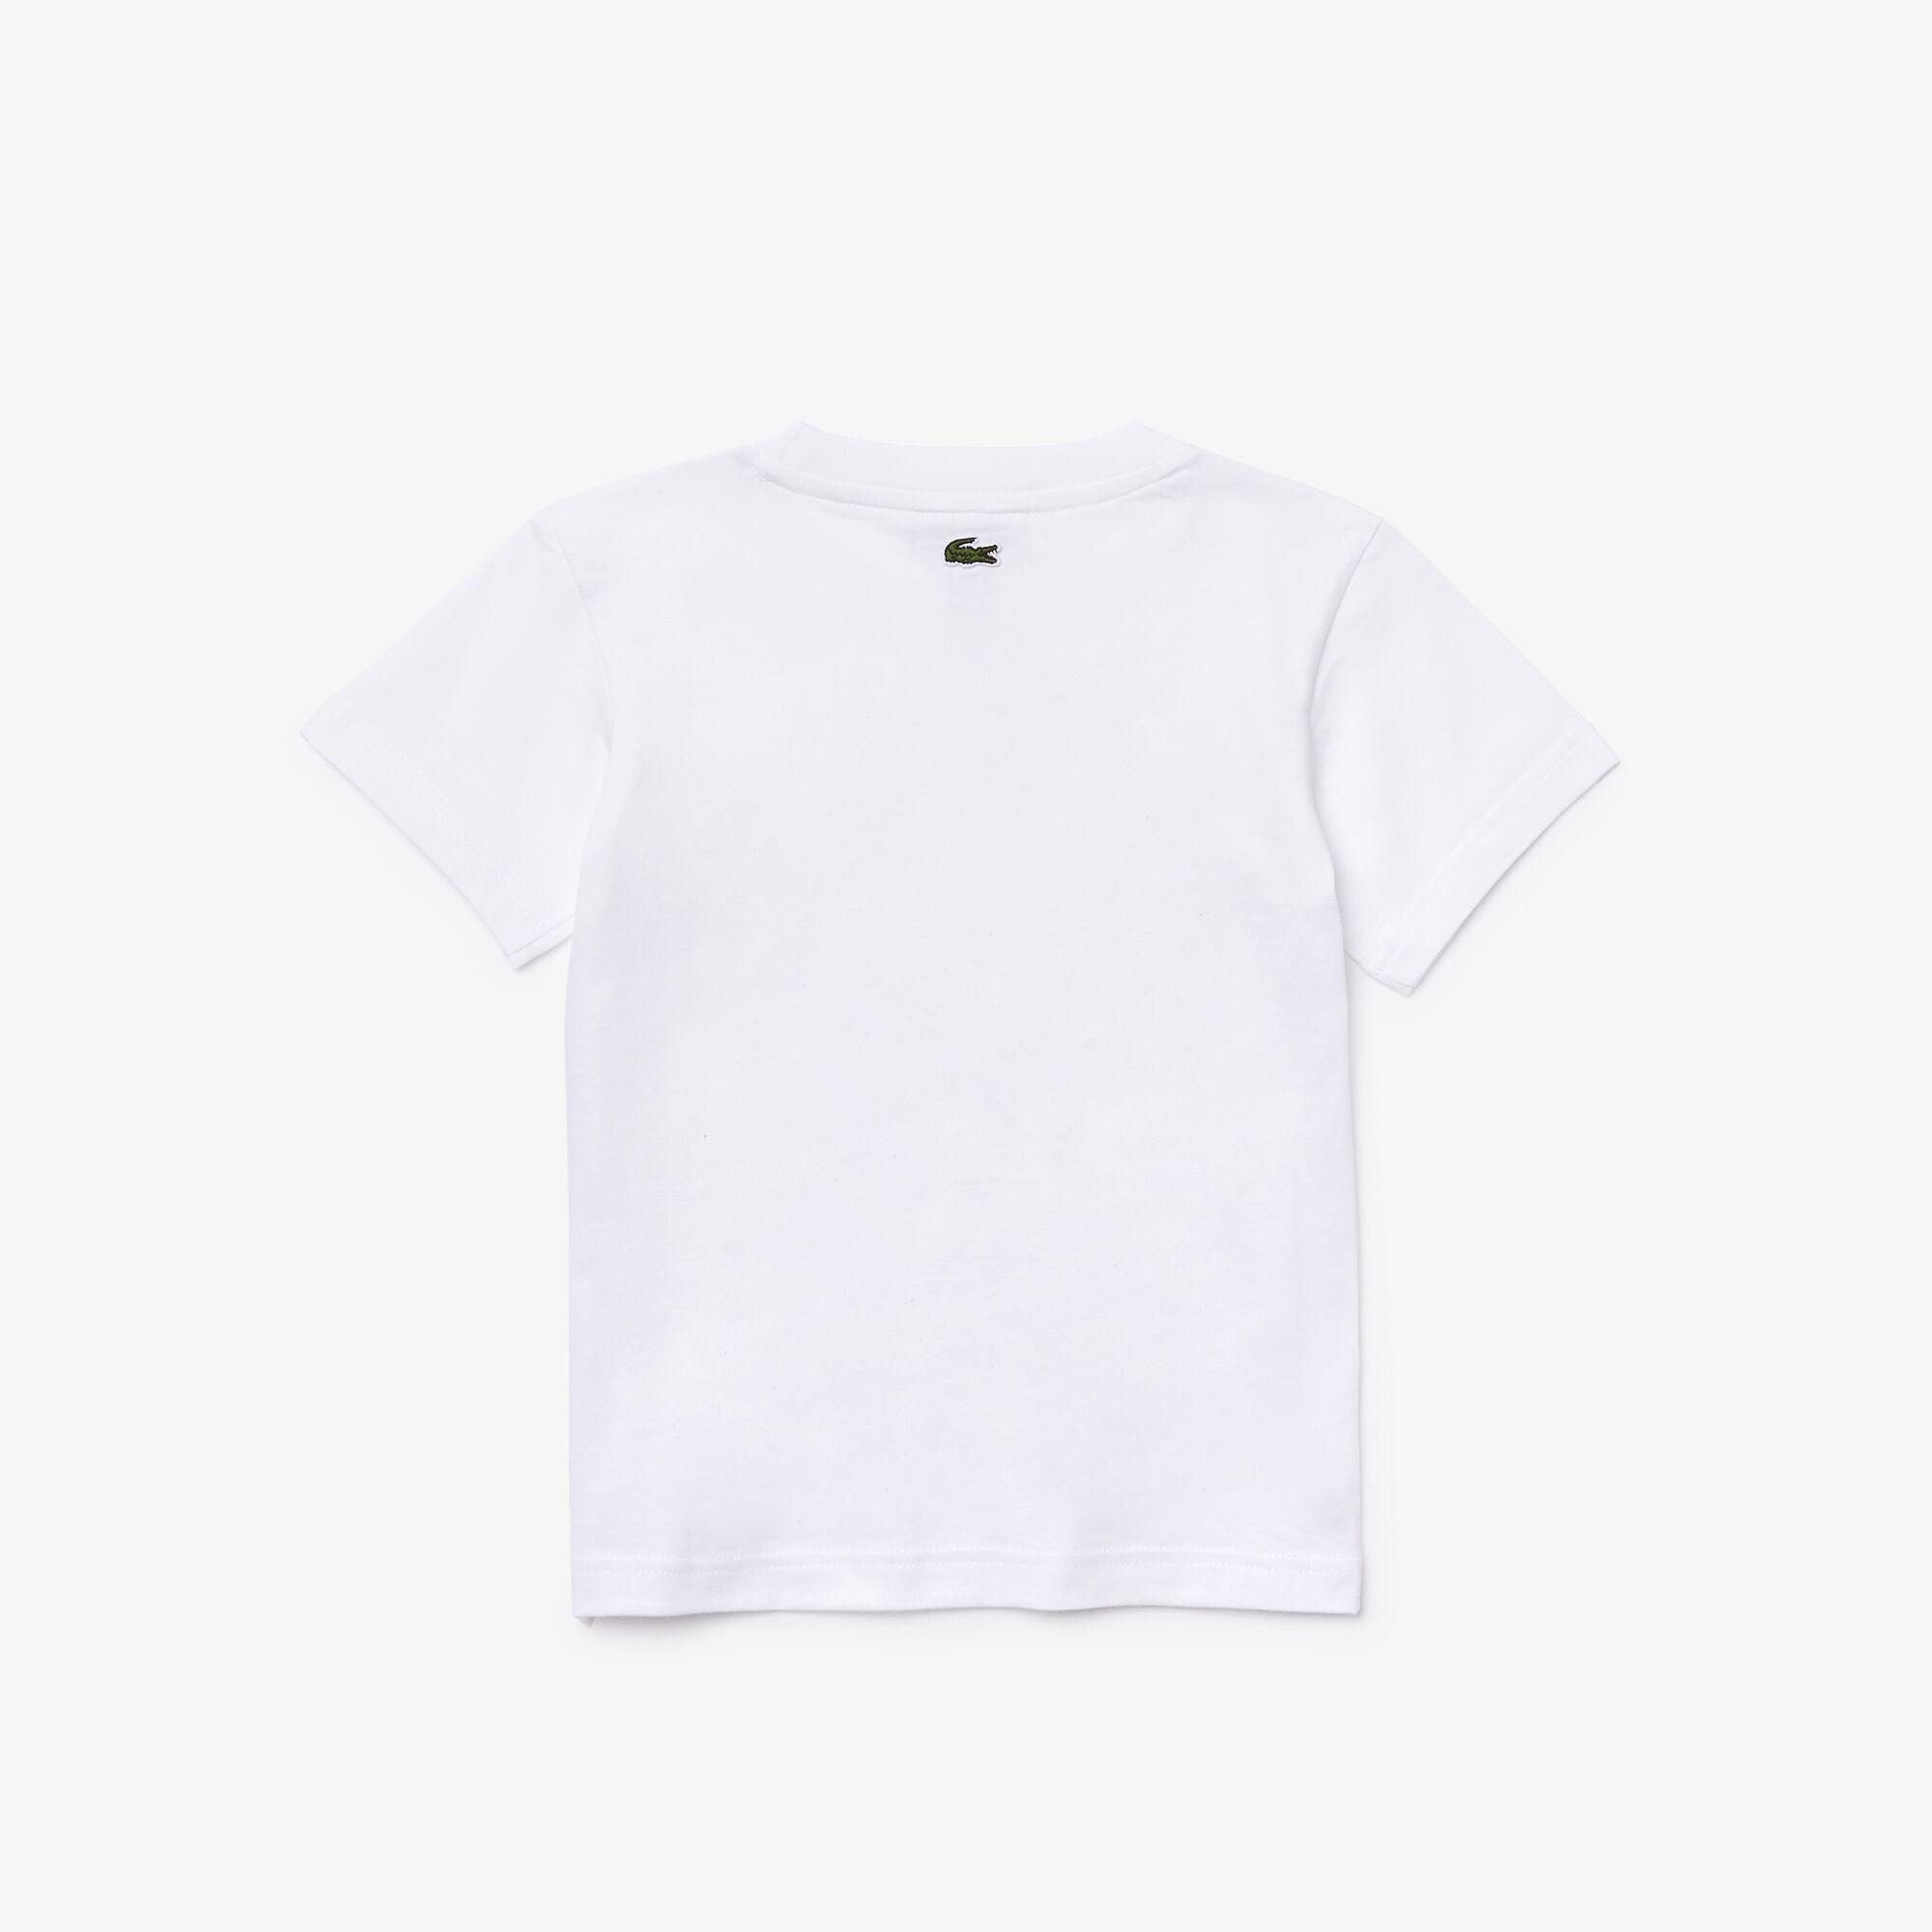 Boys' Crew Neck Fun Design Cotton T-shirt